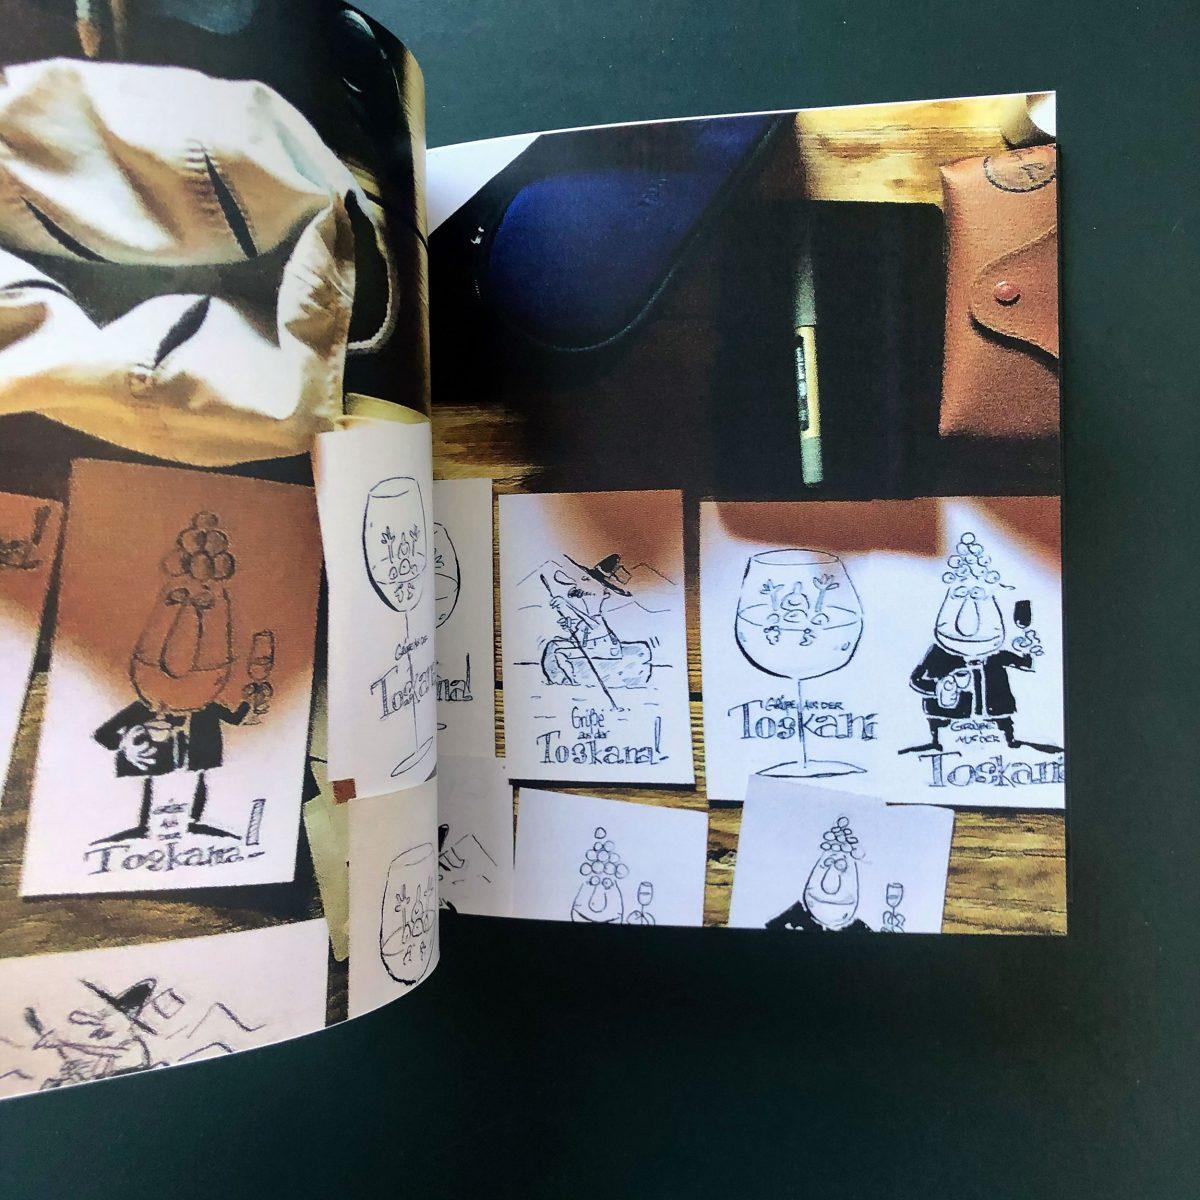 Buch Cartoons 2009 - 2019 von Philipp Sturm inside view